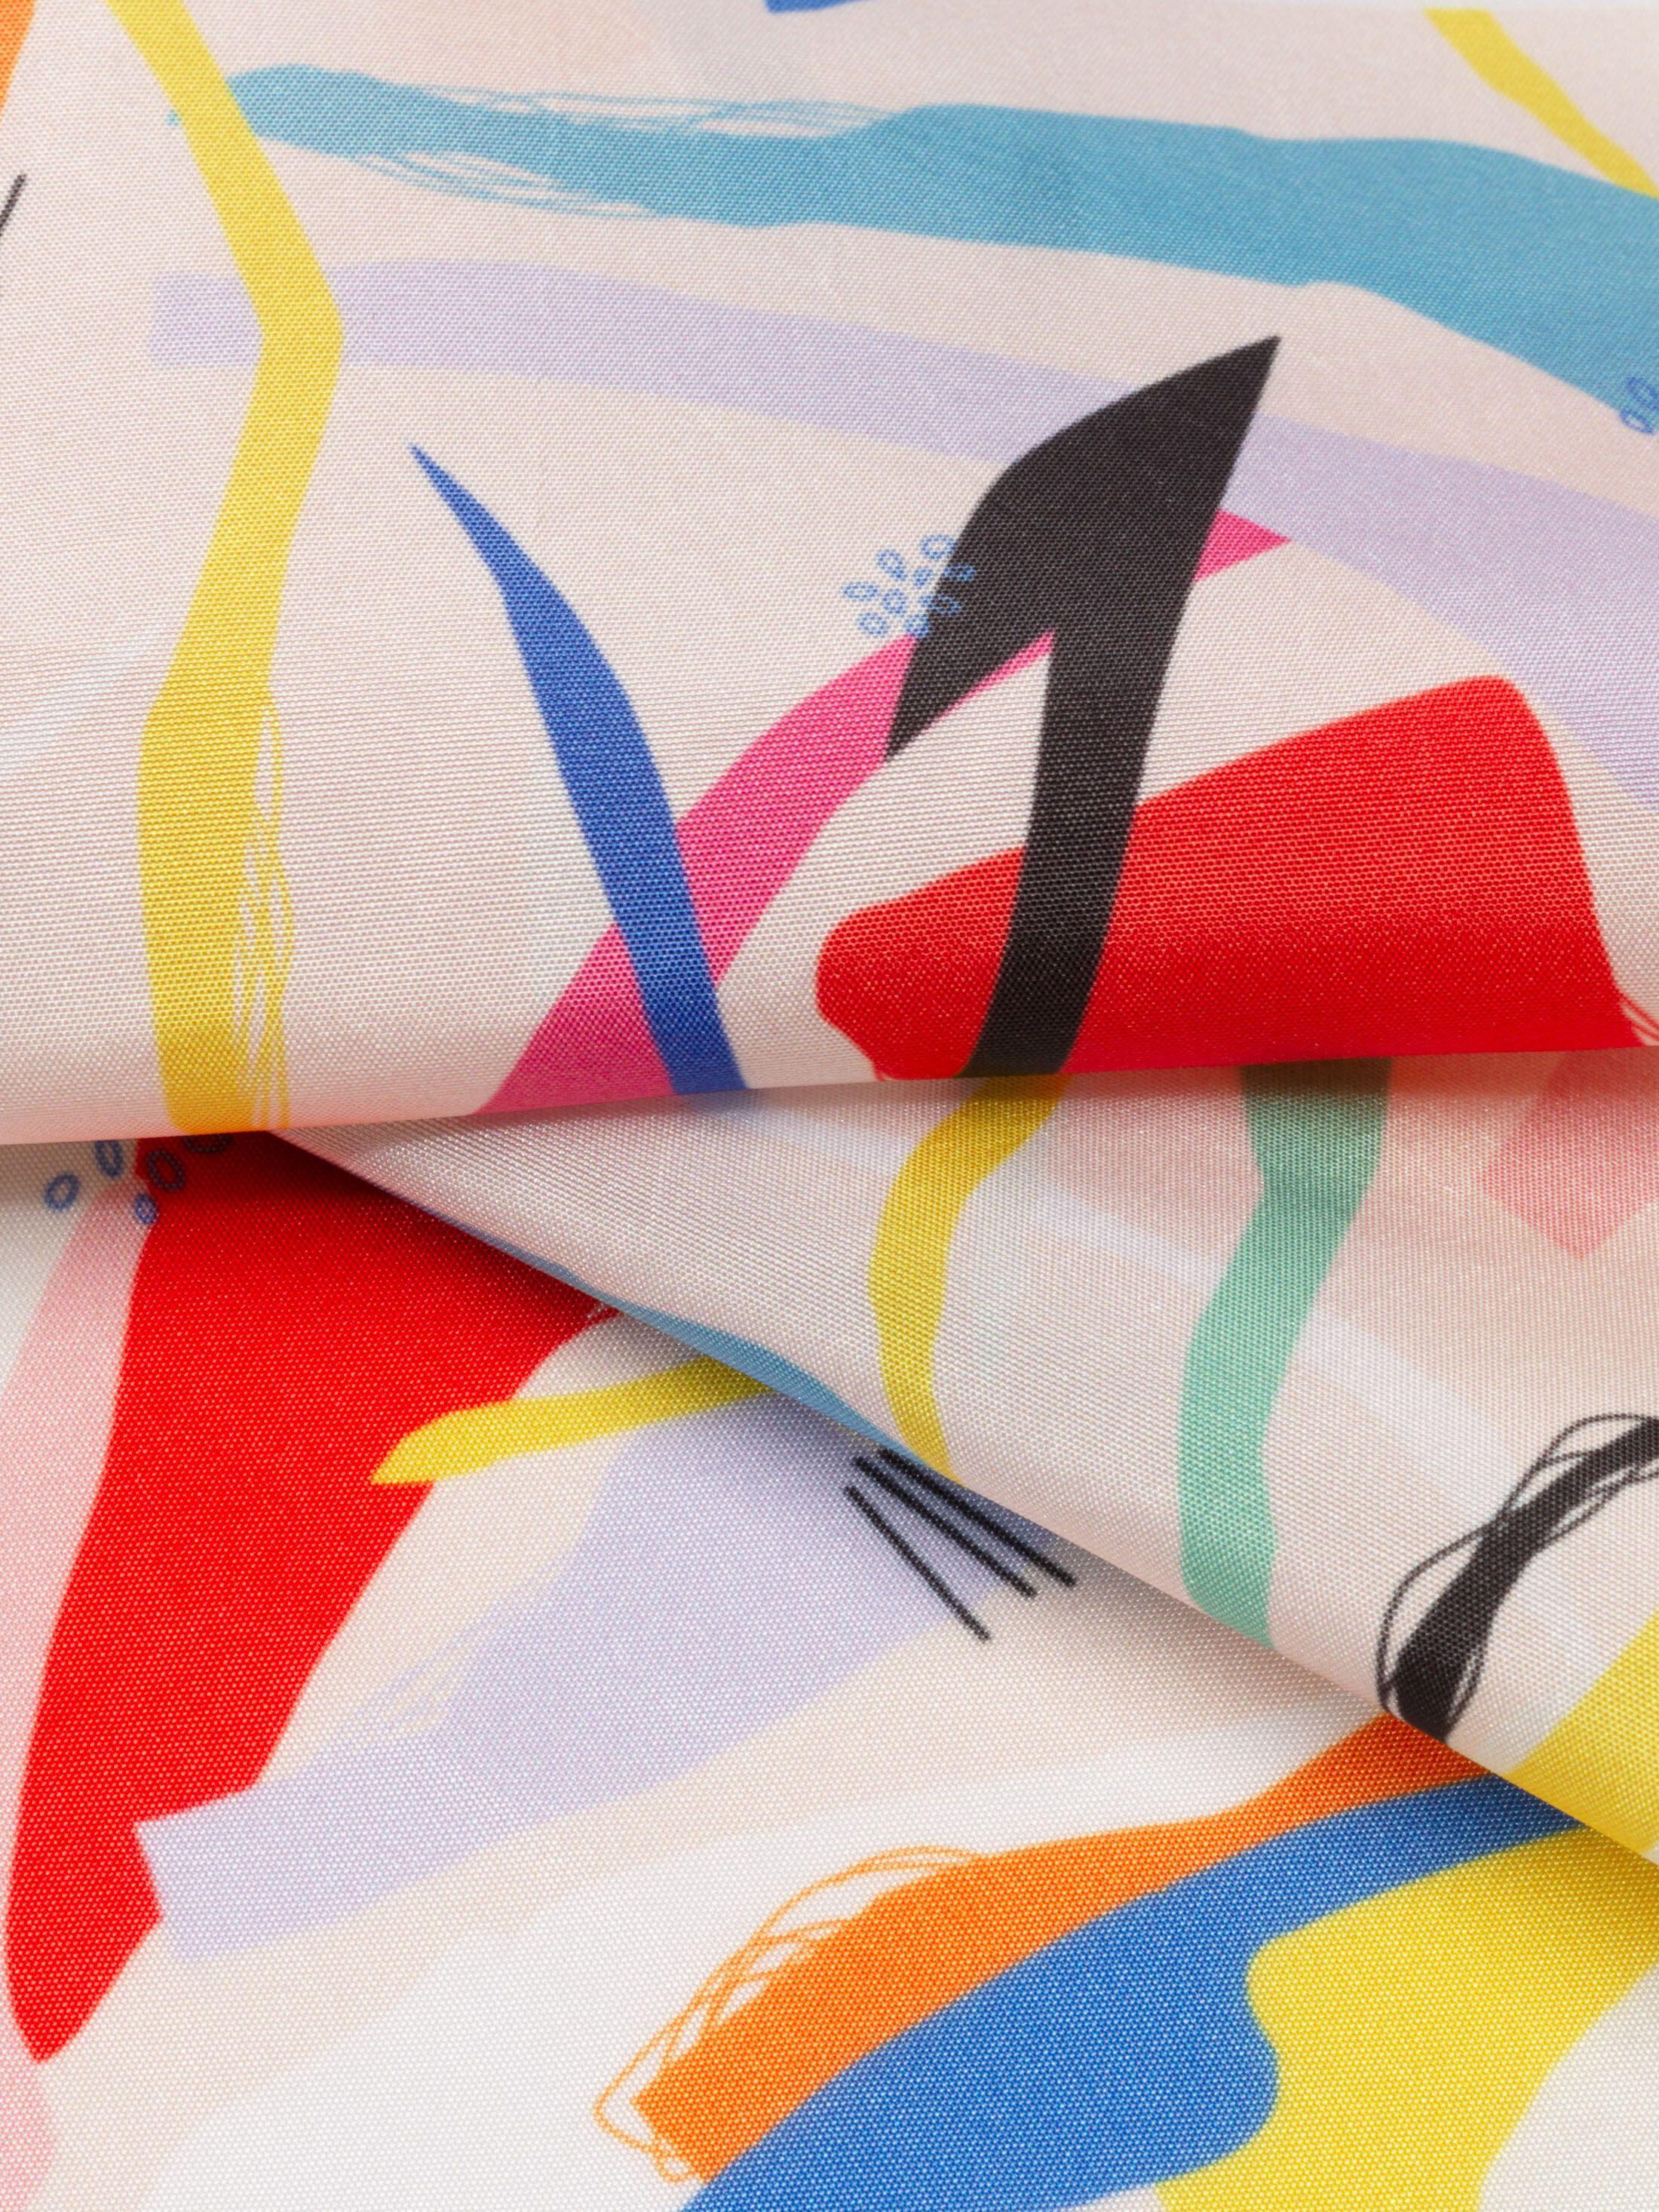 printing Taffeta fabric swatch